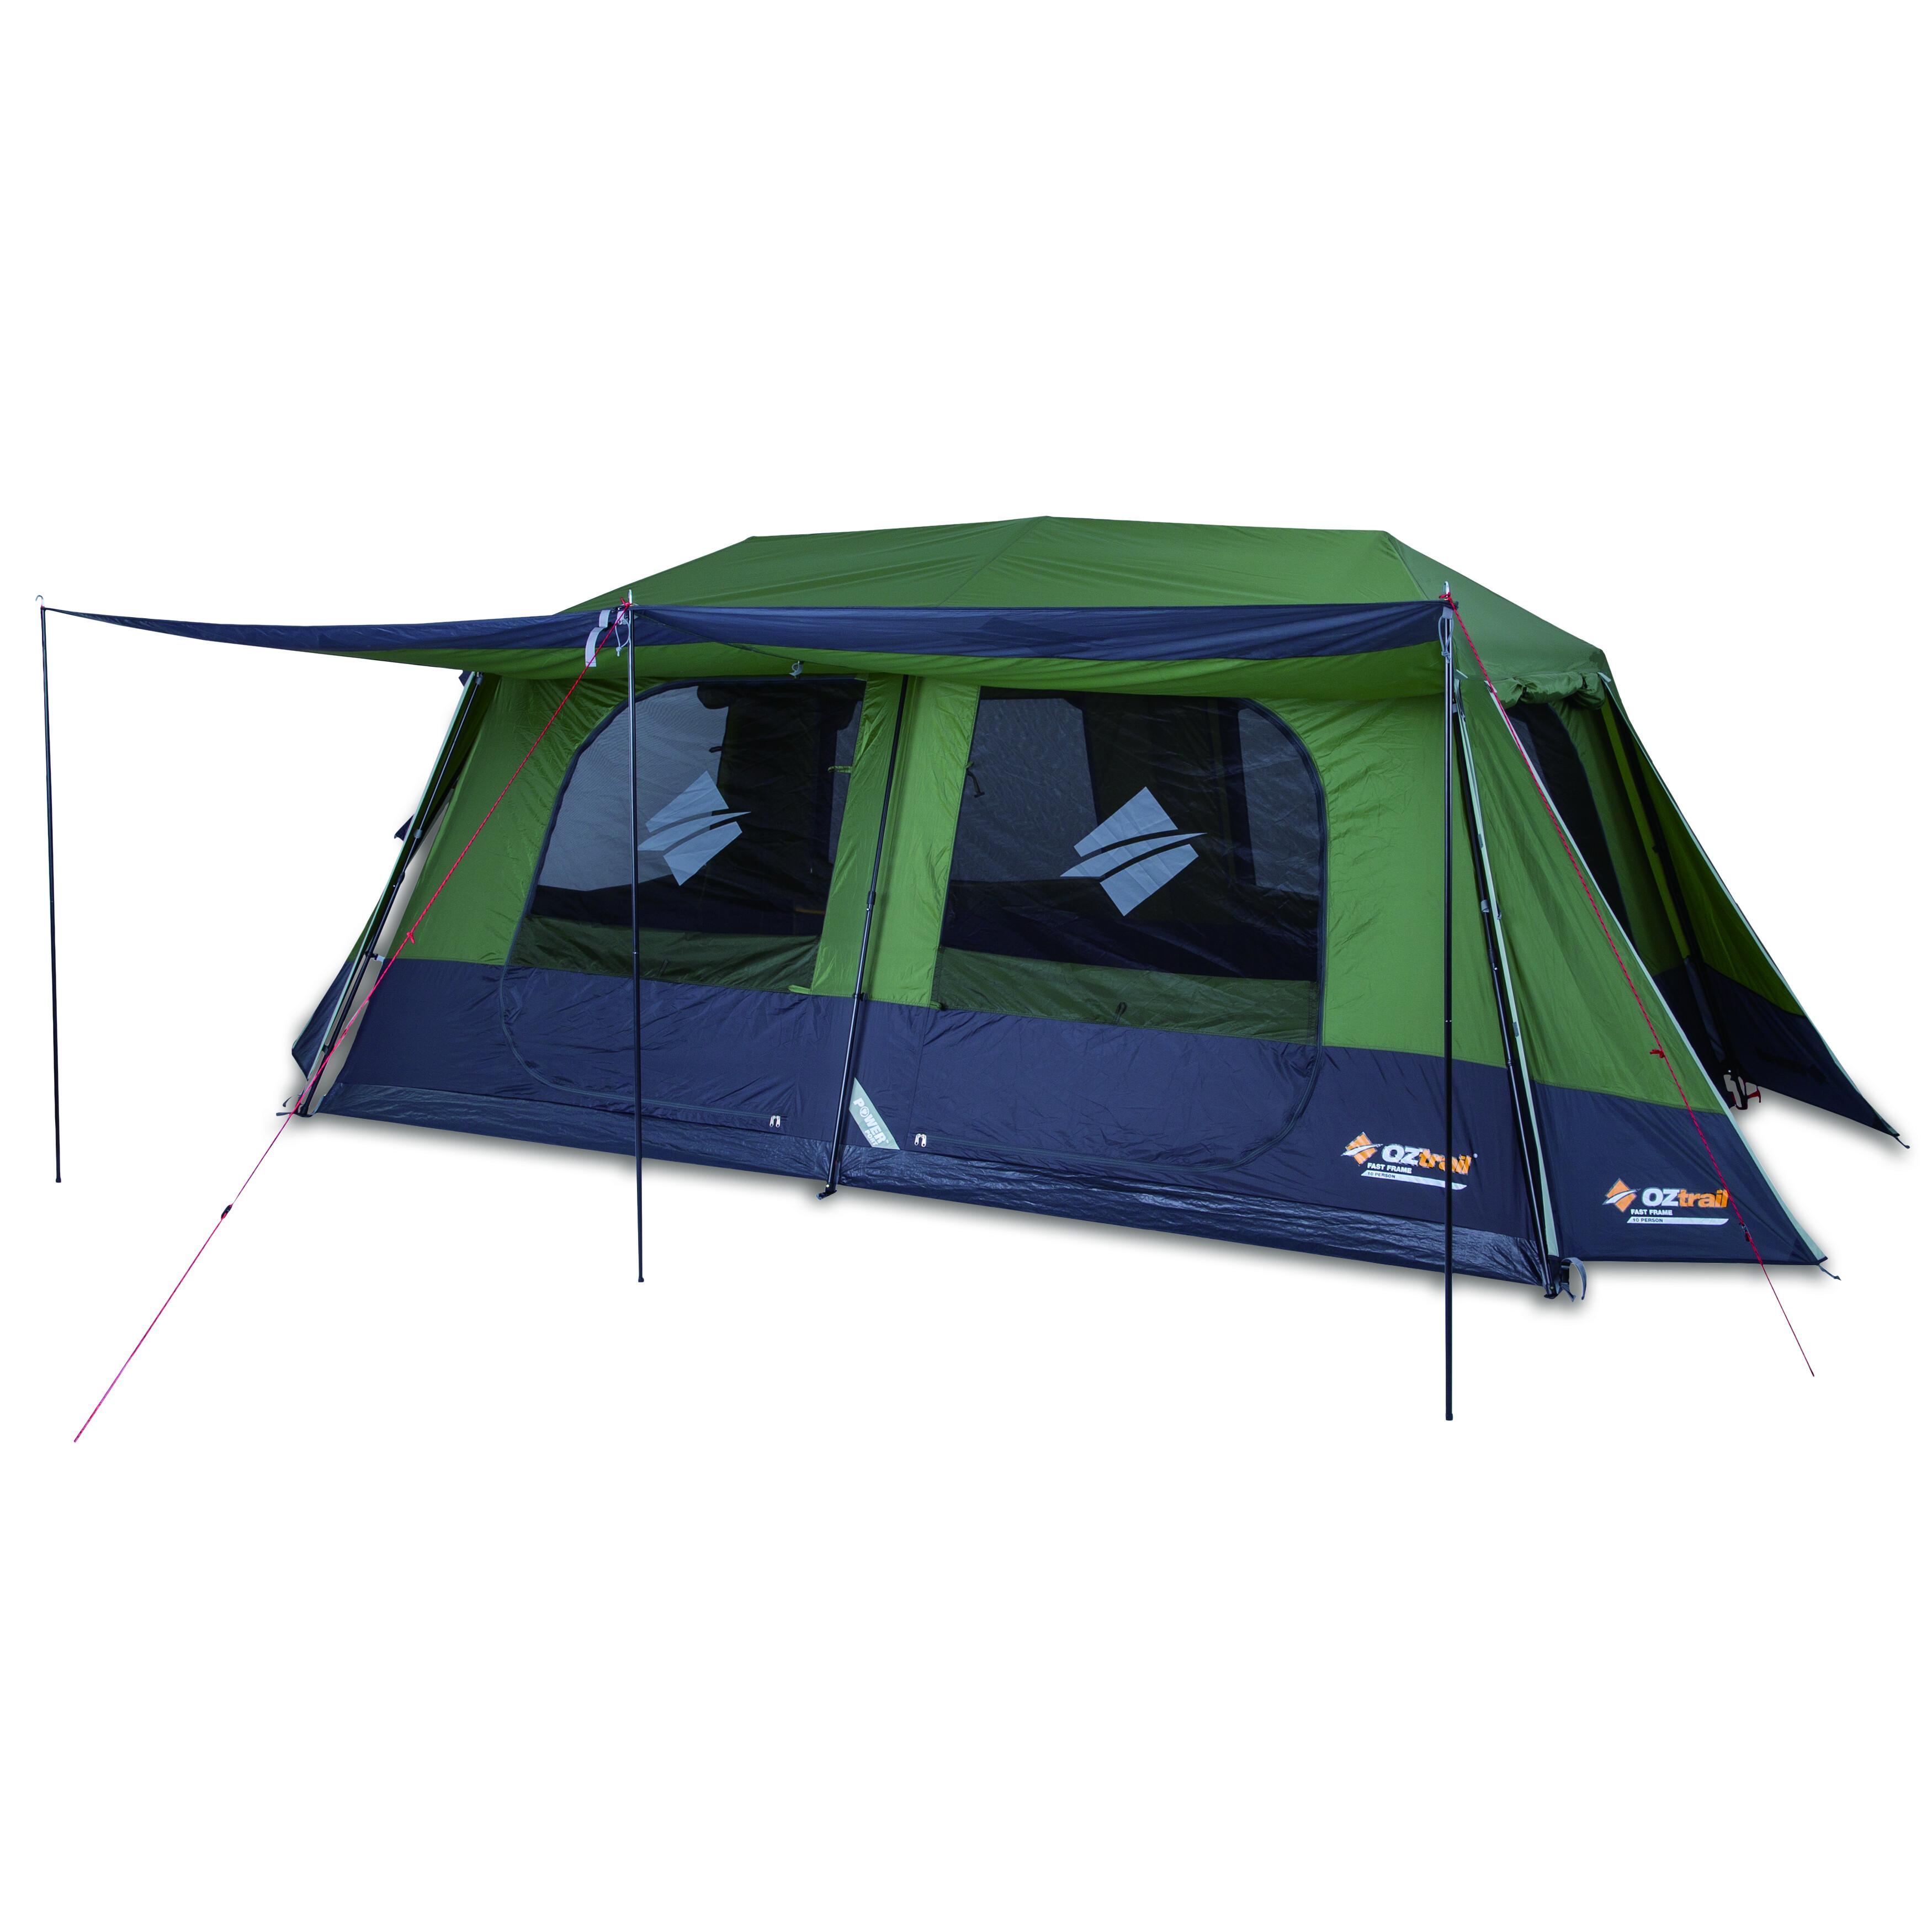 4 X 4 Australia Gear Oz Trail Tent Fast Frame 10 P